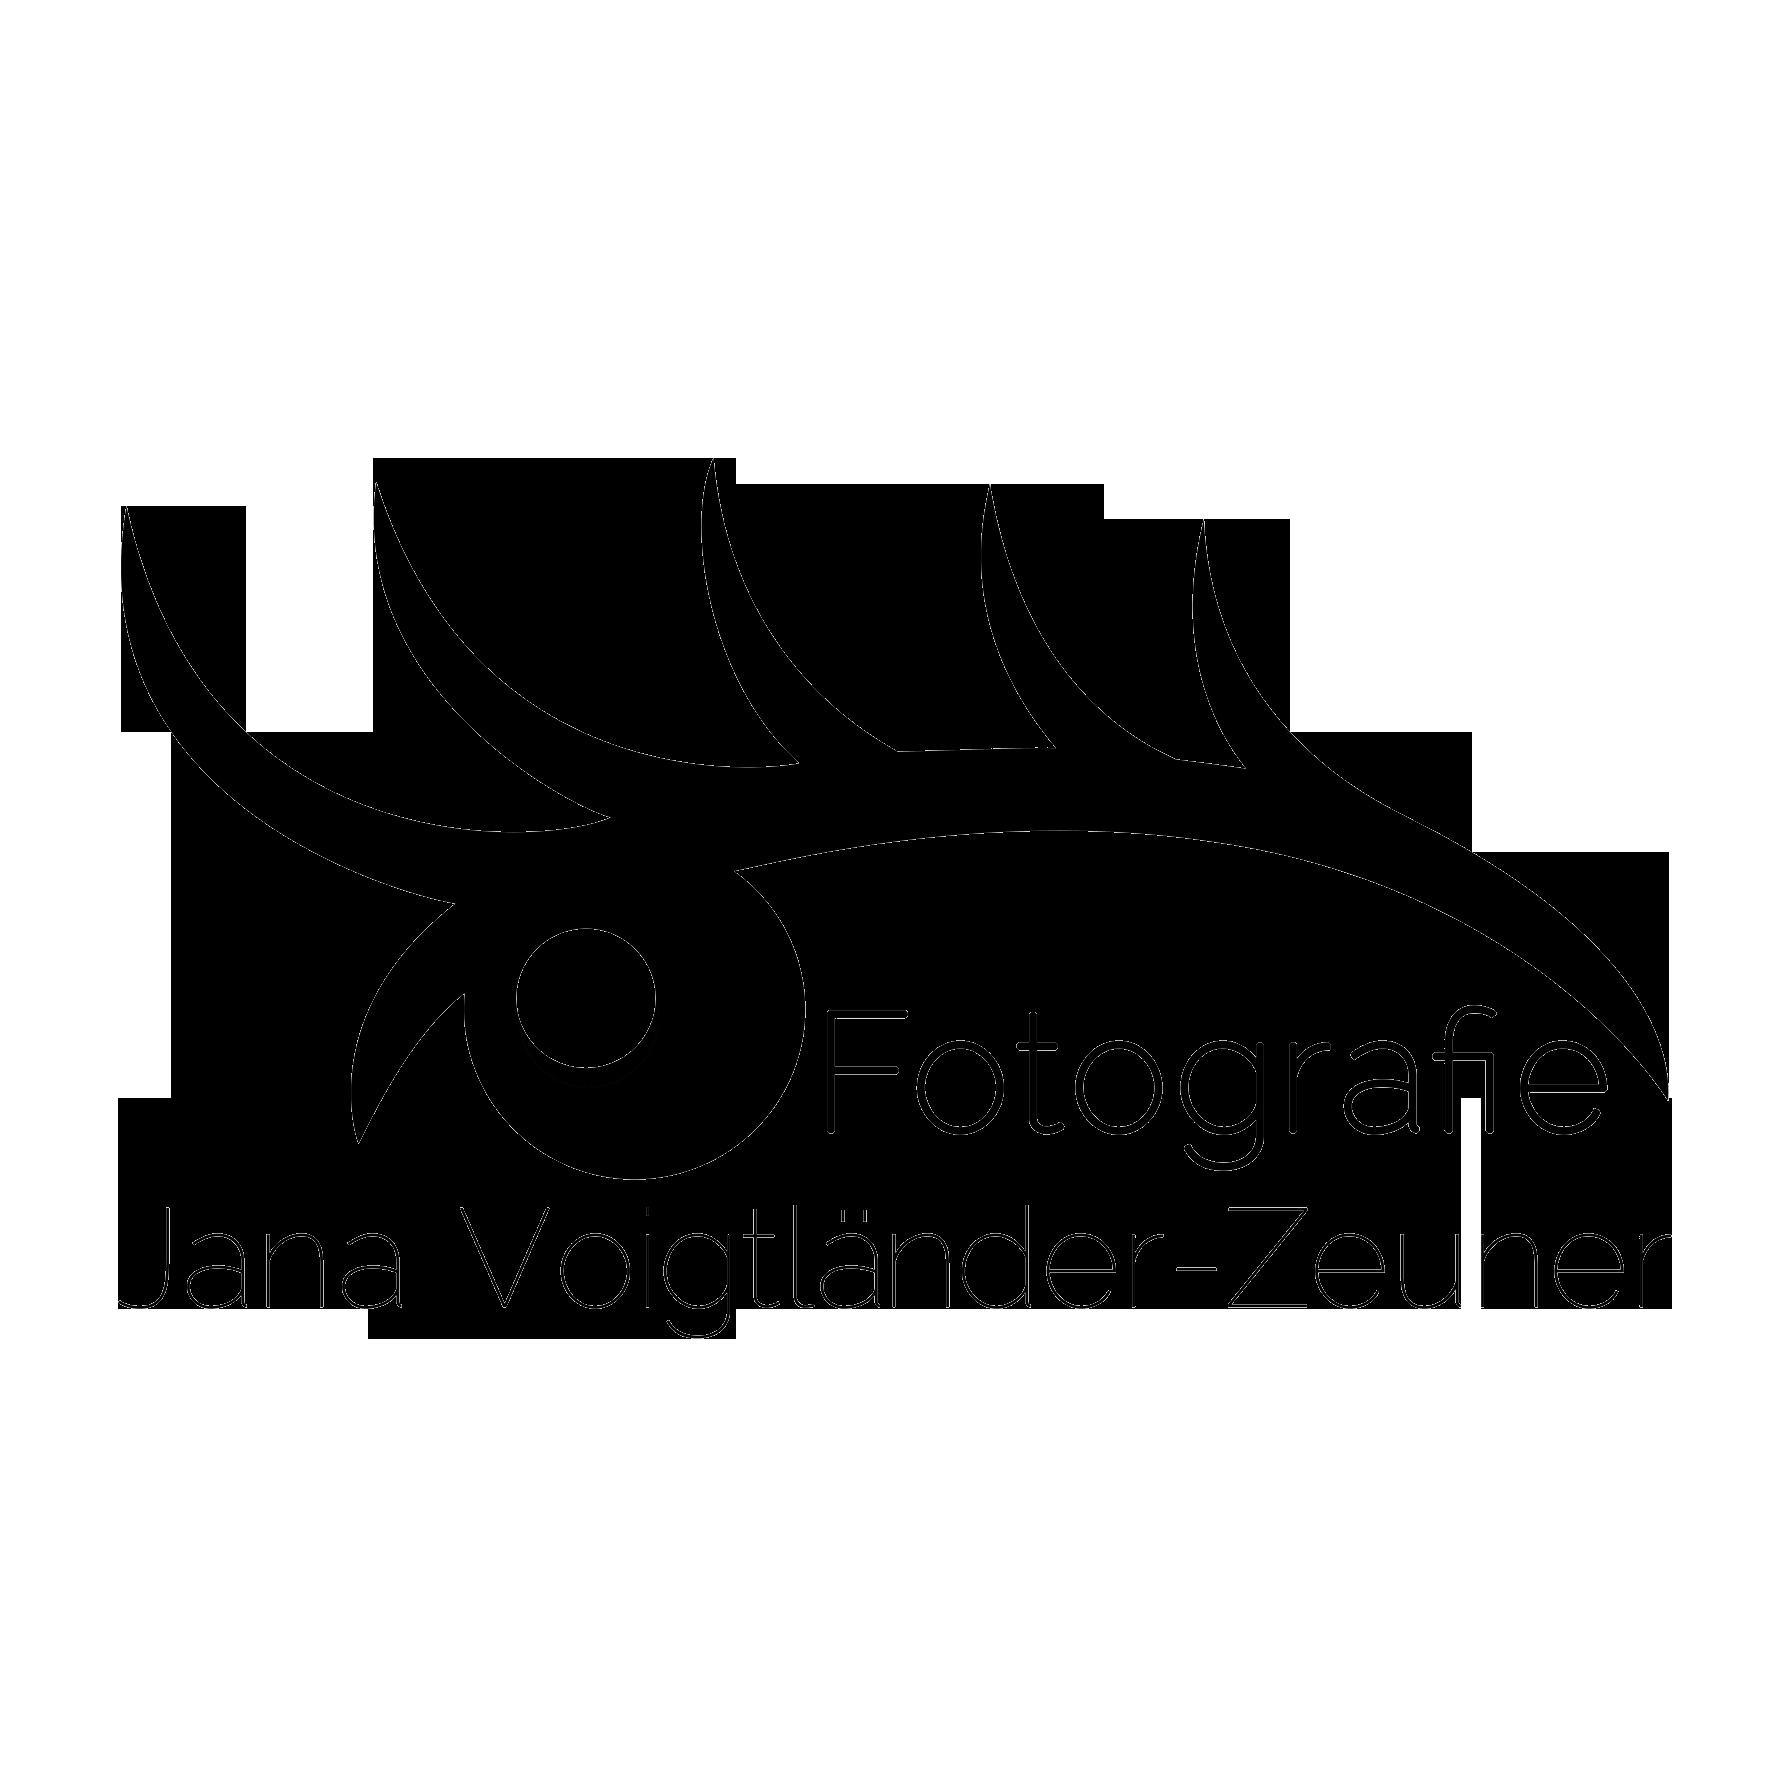 Hochzeitsfotos-Saalfeld: Die Fotografin Jana Voigtländer-Zeuner fotografiert ihre Hochzeitsfotos